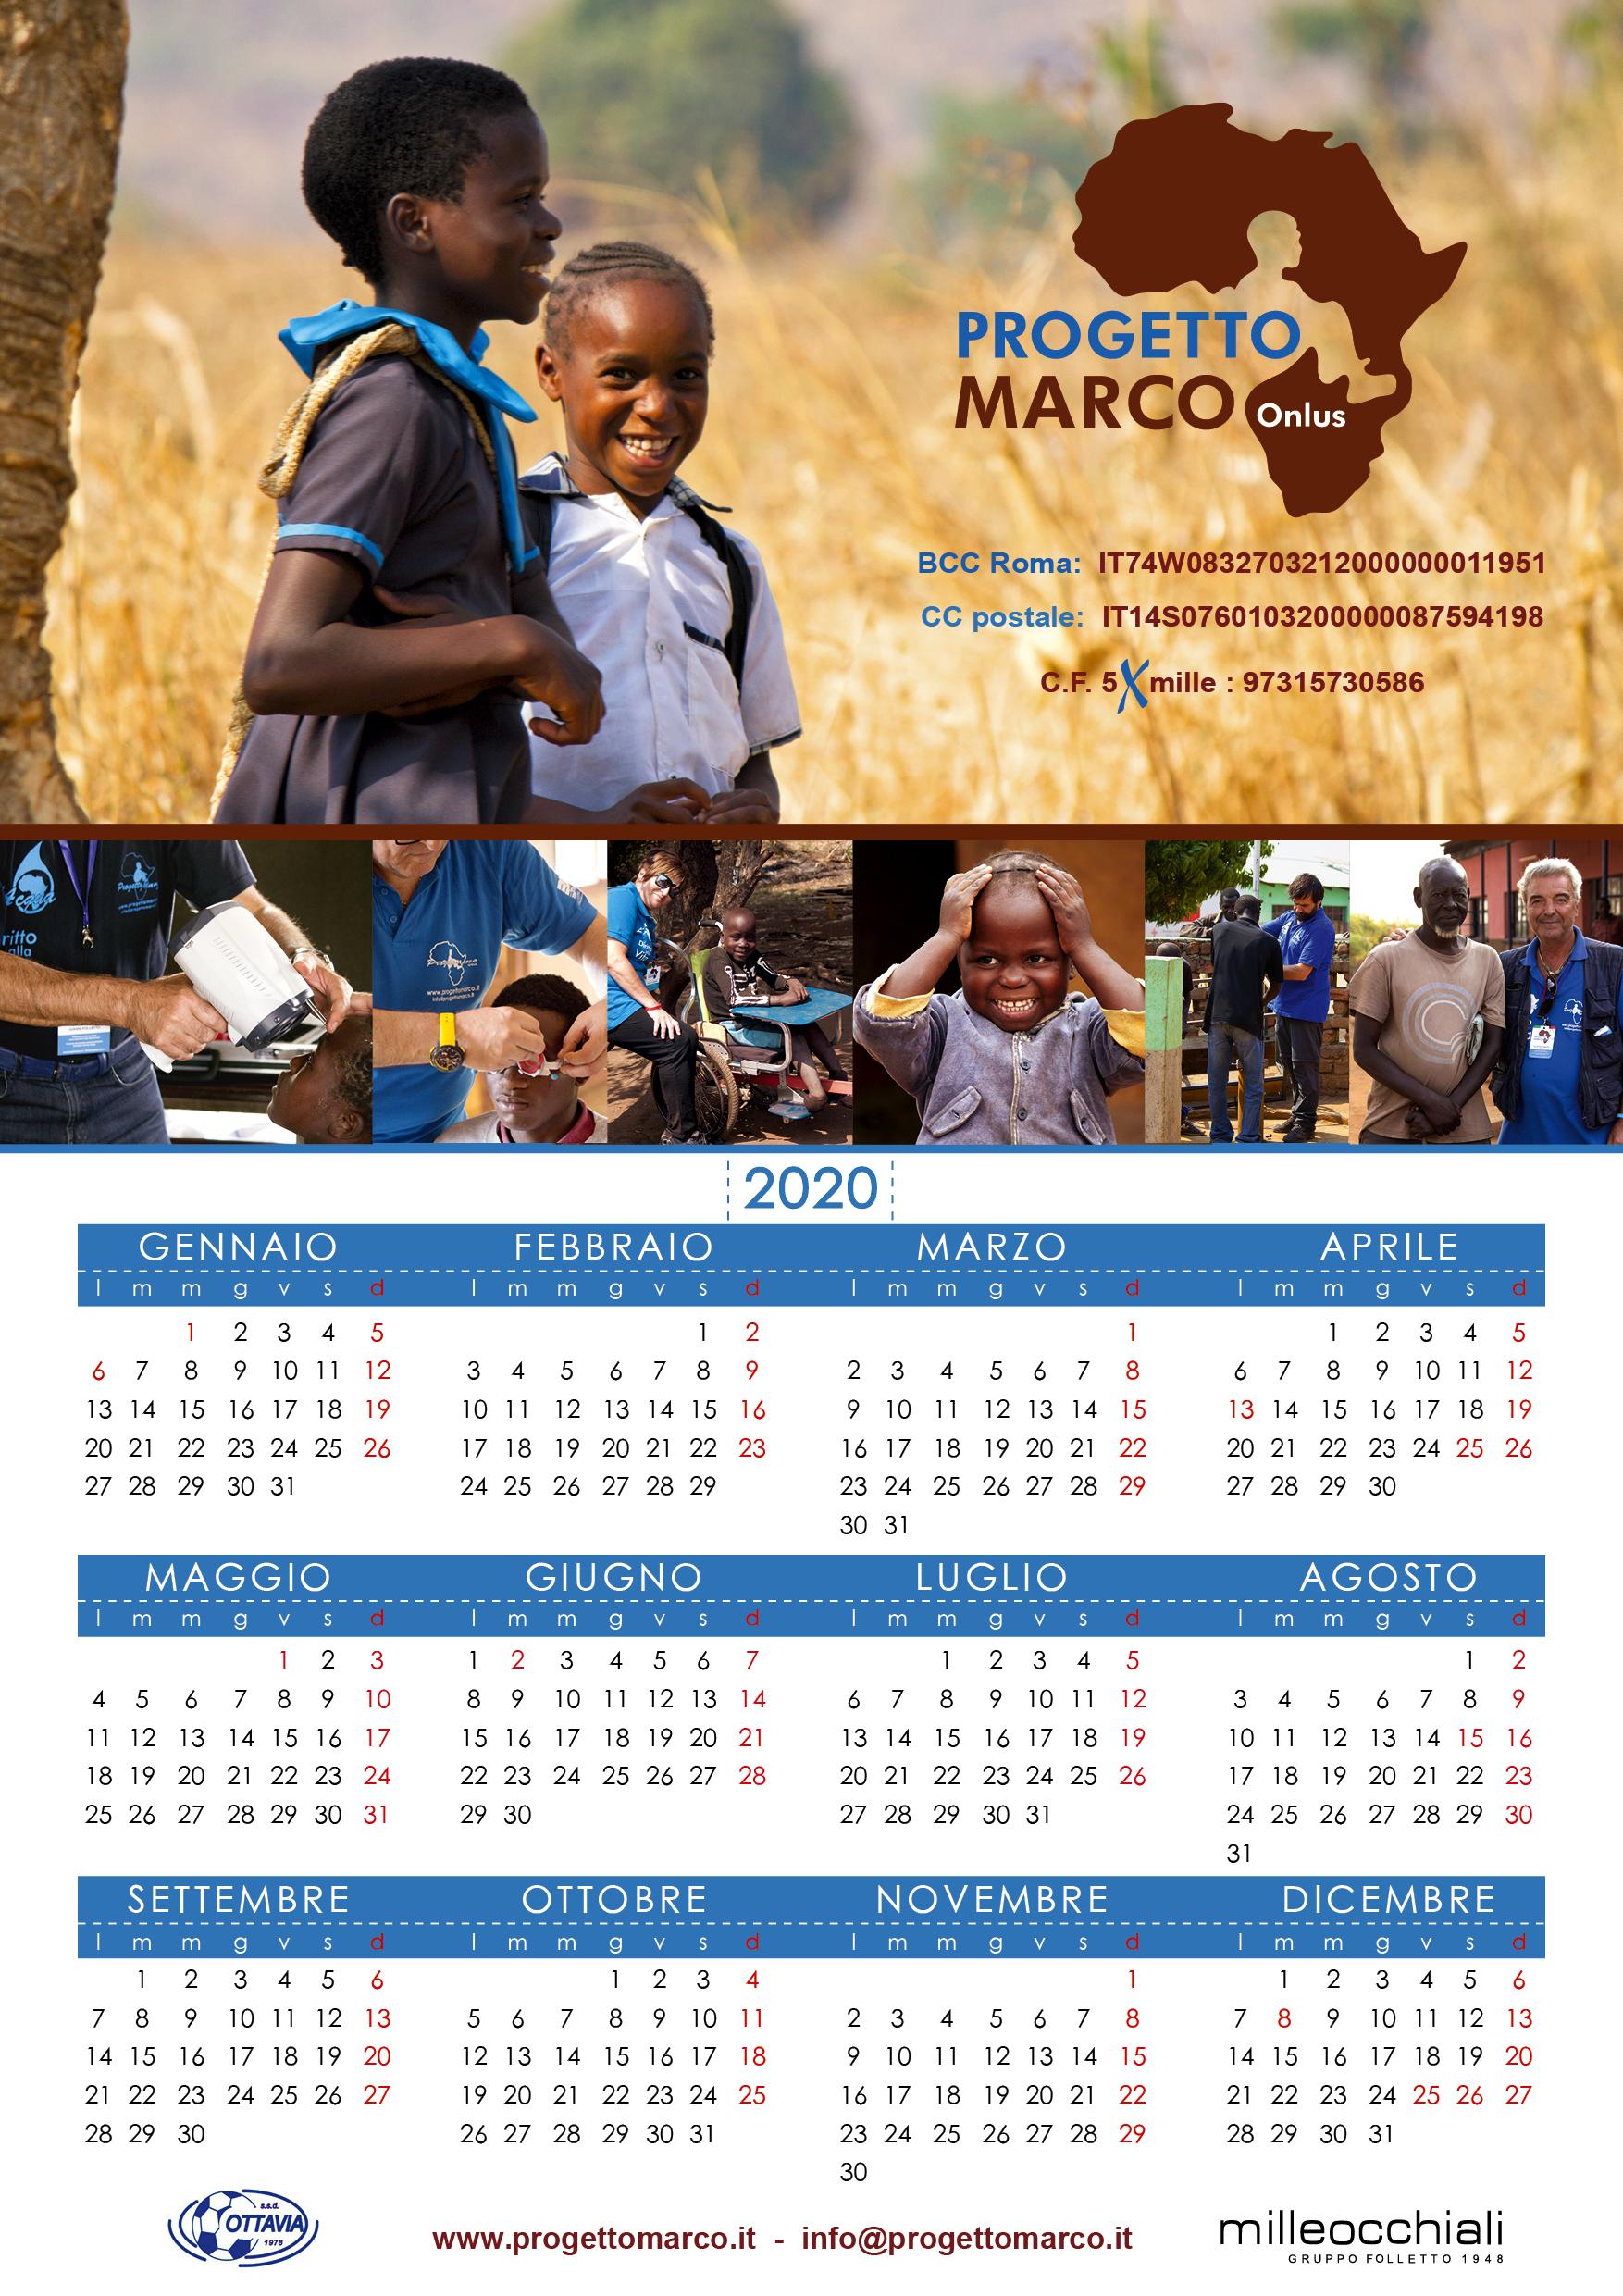 Calendario Progetto Marco 2019